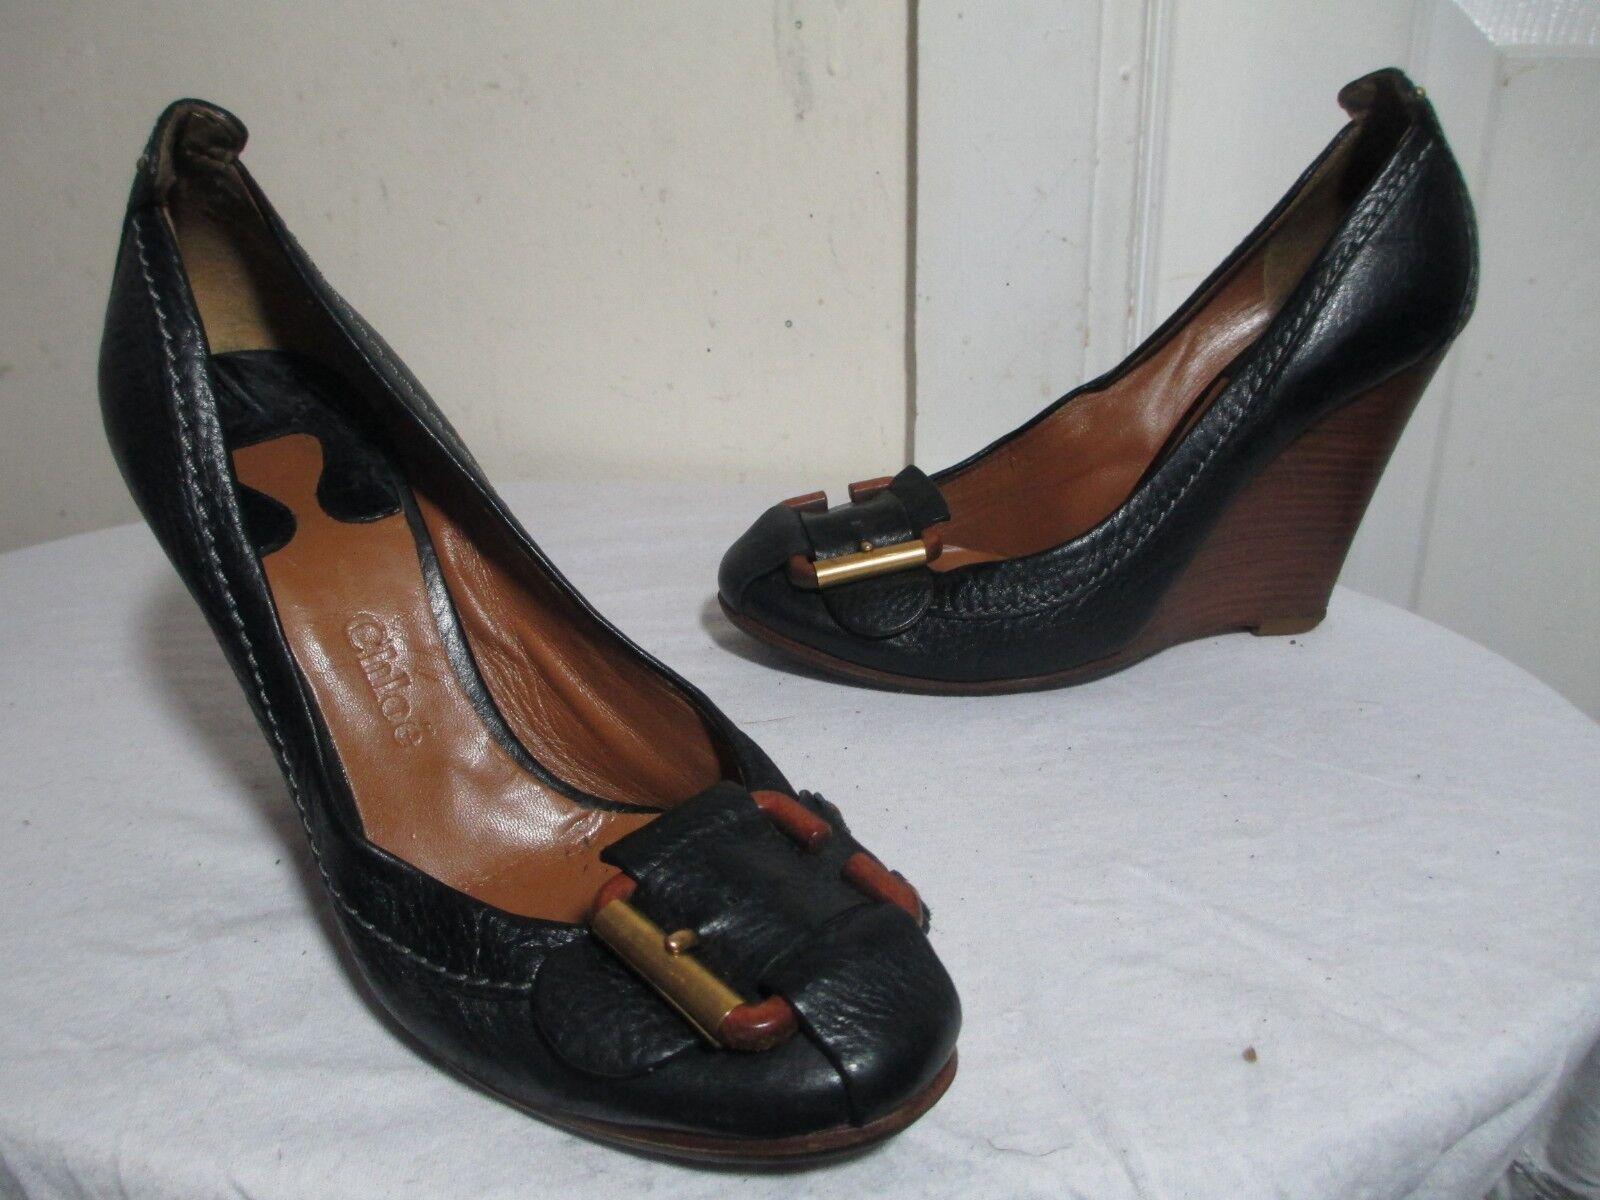 Chloe para Mujer de cuña de de de cuero negro Zapatos EE. UU. 9  comprar barato